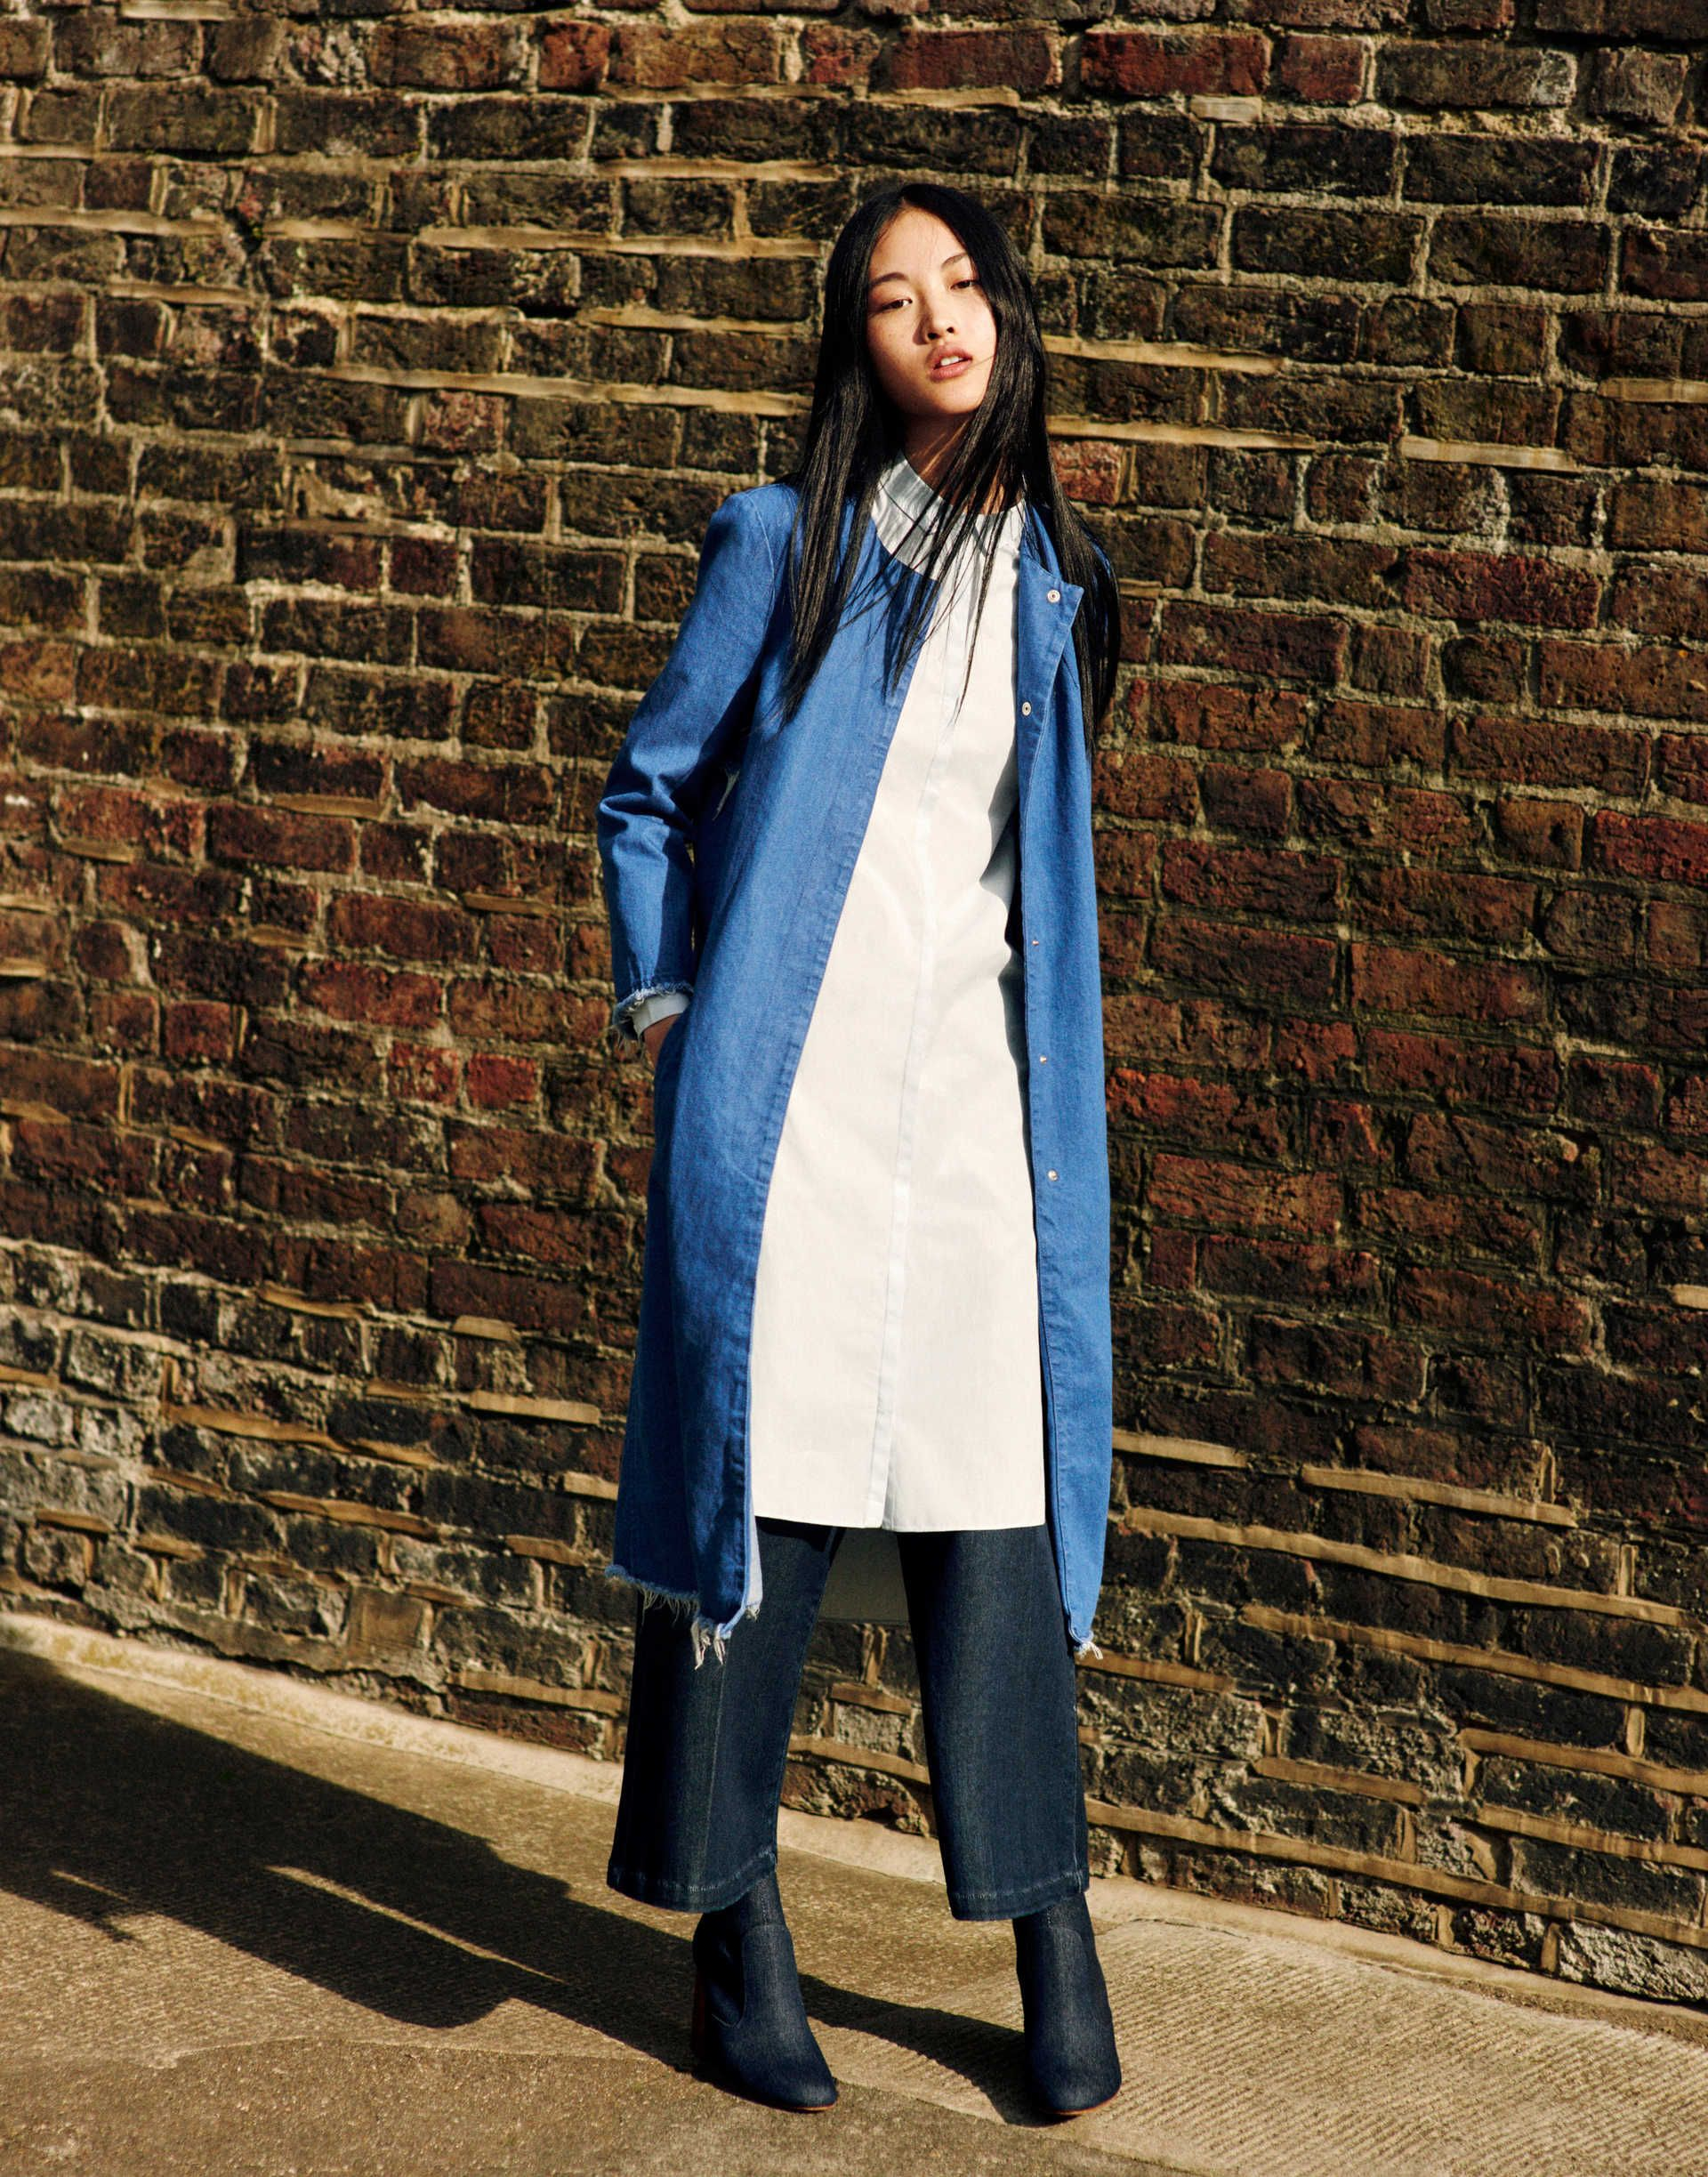 zara trf aw15 #zaracampaign | outfit & street style | pinterest